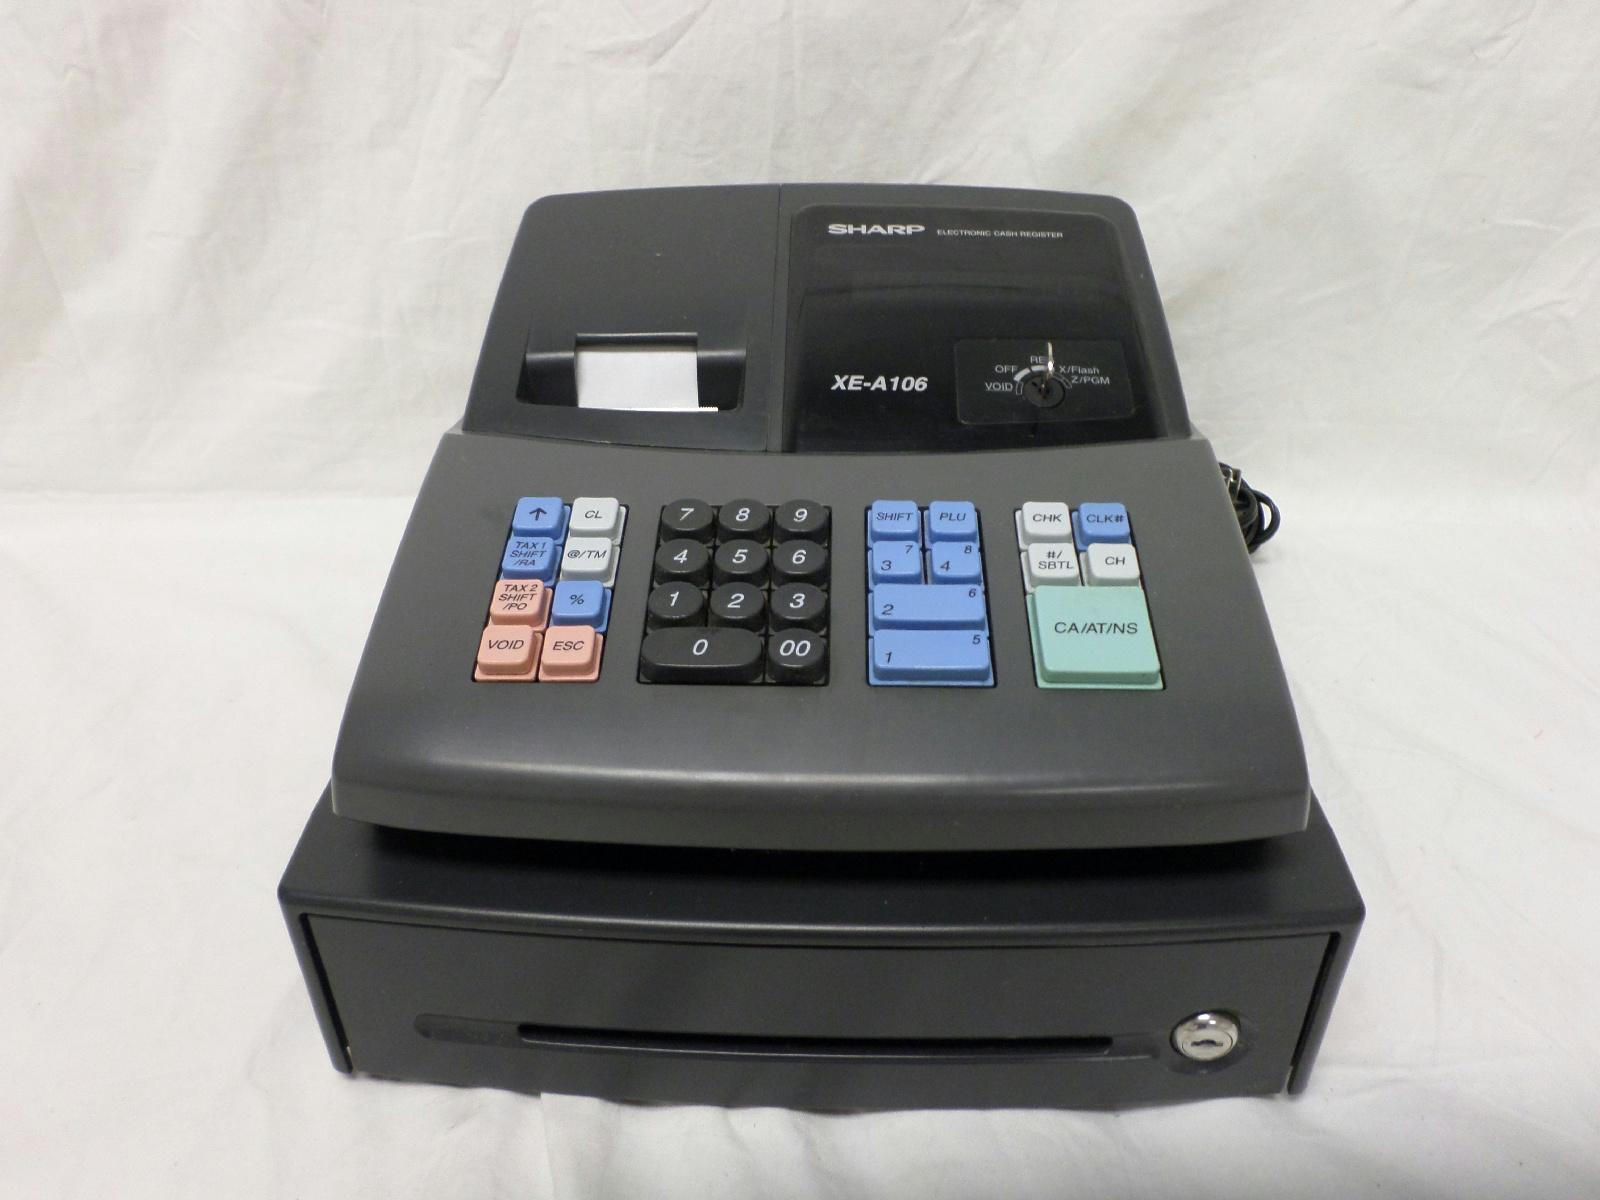 sharp xe a106 electronic cash register black ebay. Black Bedroom Furniture Sets. Home Design Ideas